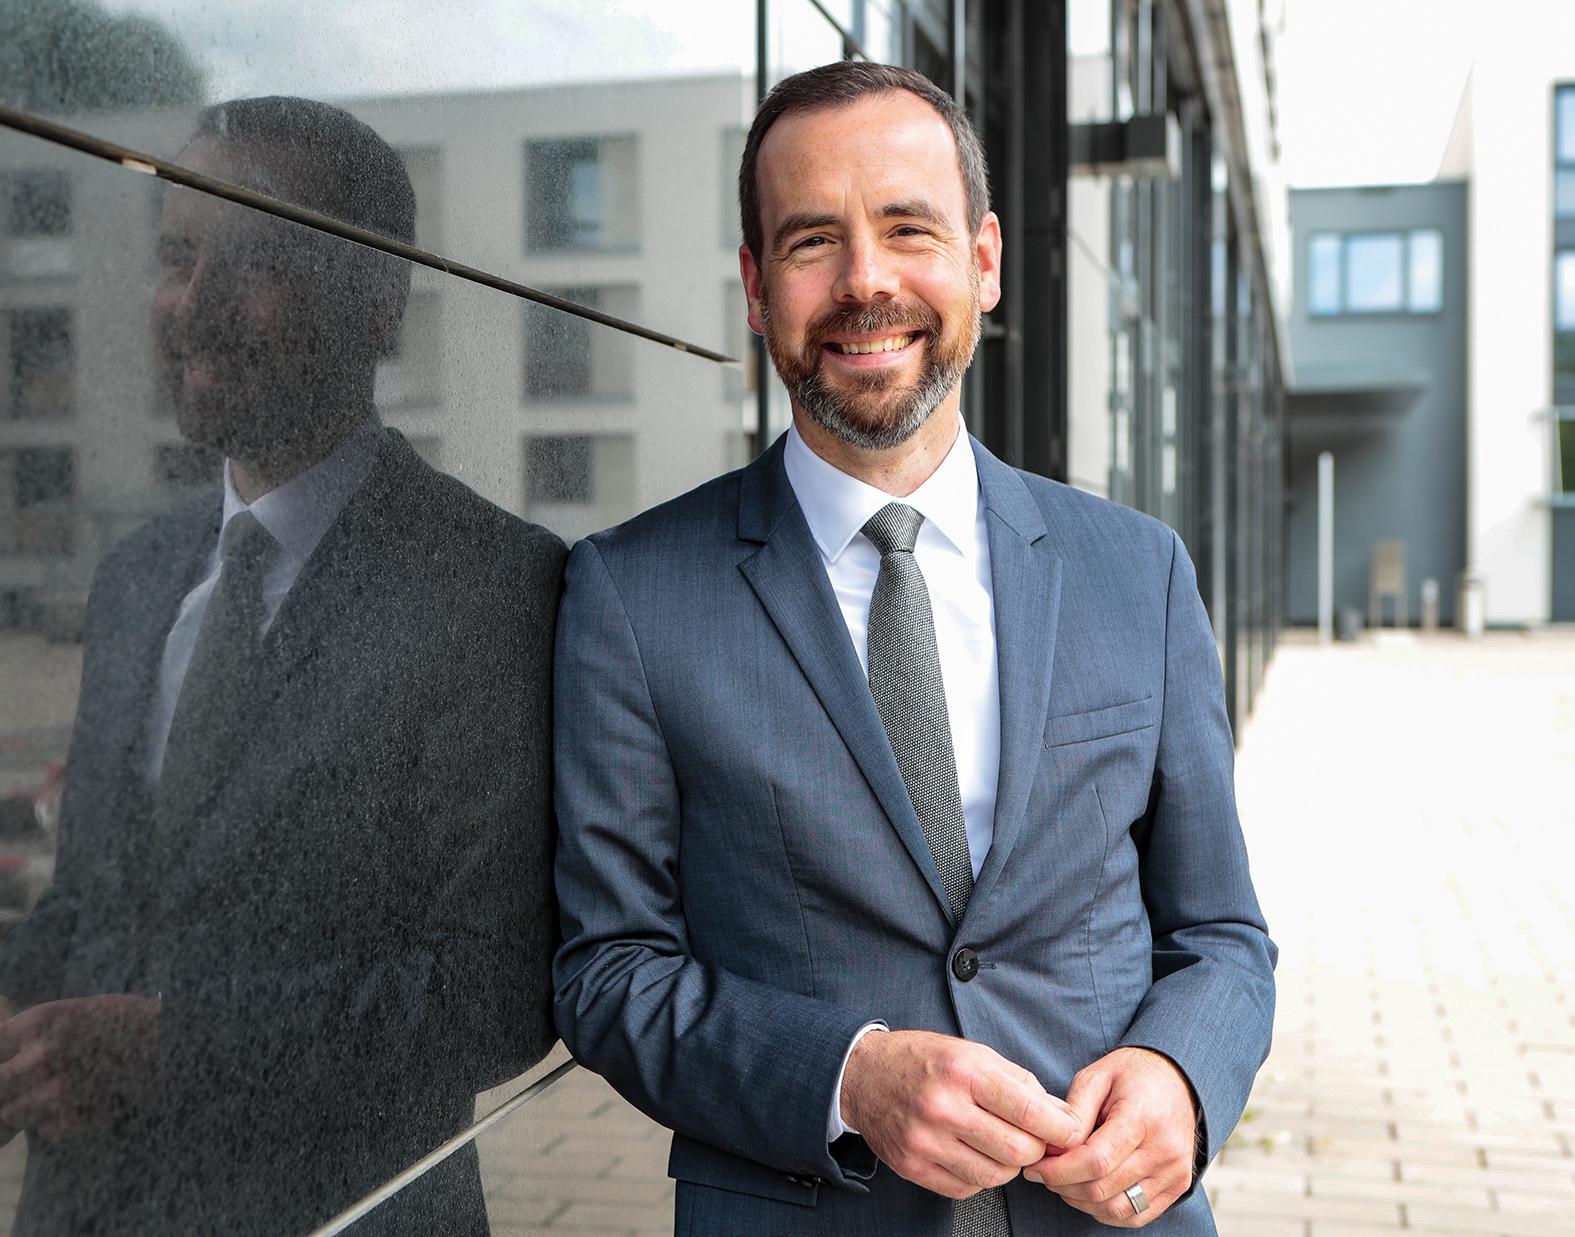 Dr. Kai Fischbach, Präsident der Universität Bamberg, hat den Fragebogen des Stadtechos beantwortet.